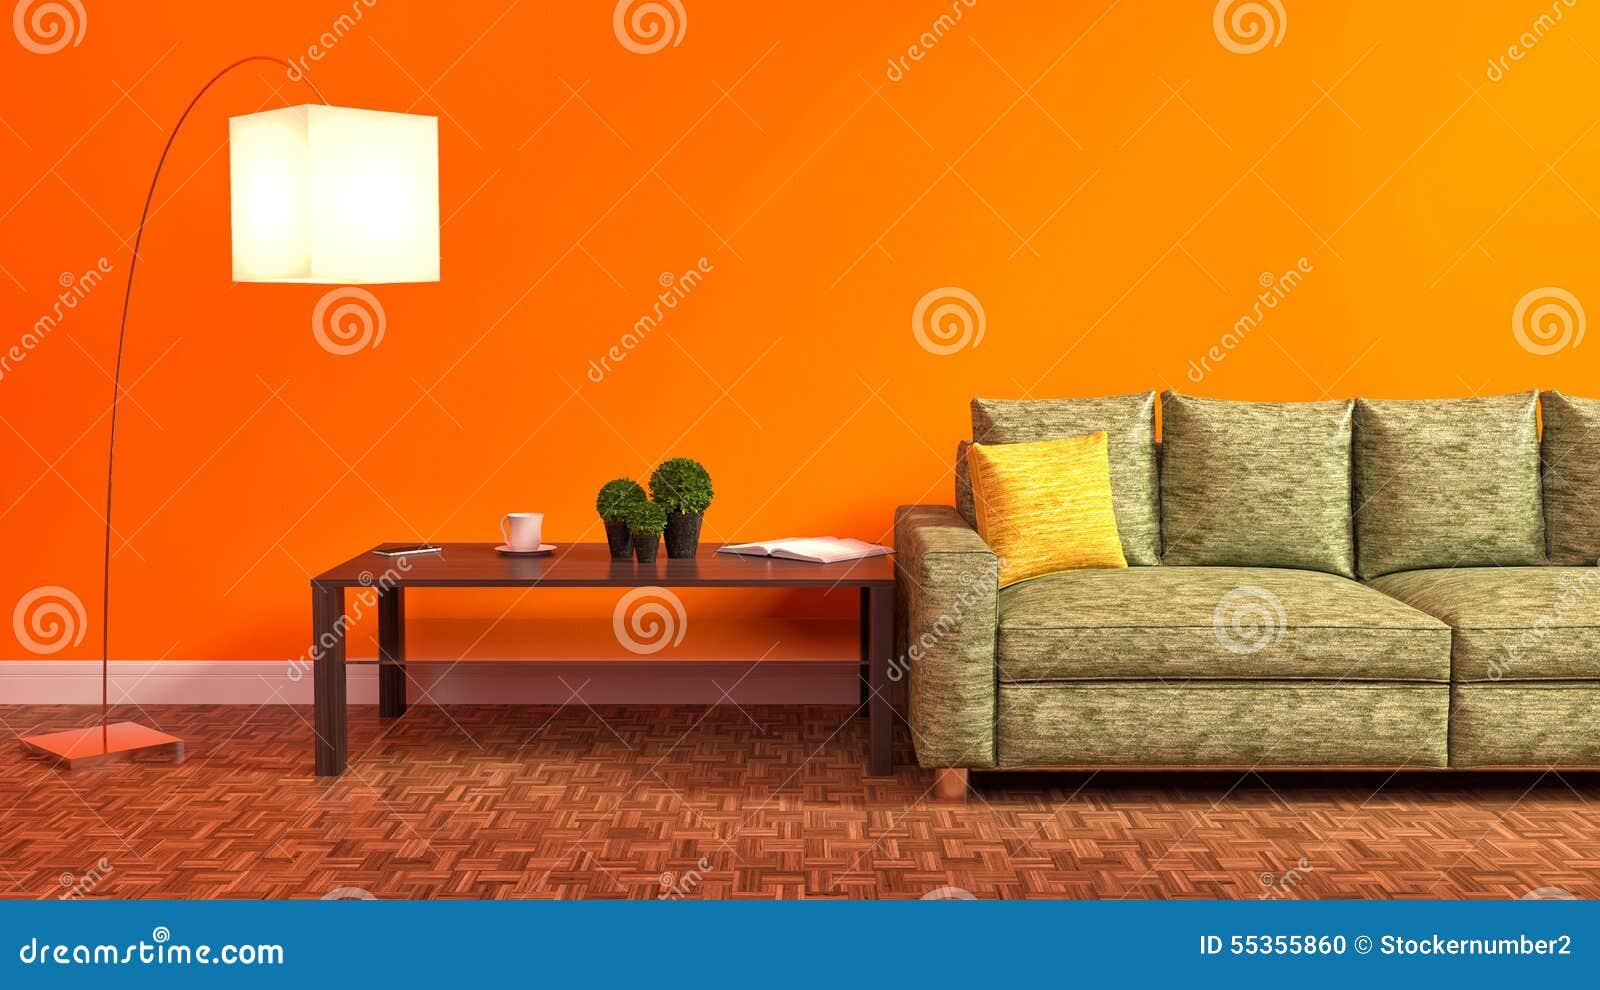 Couch holztisch gallery of couch tisch holz couchtisch quadratisch holz burned grey mit with - Wohnzimmer pflanze groay ...